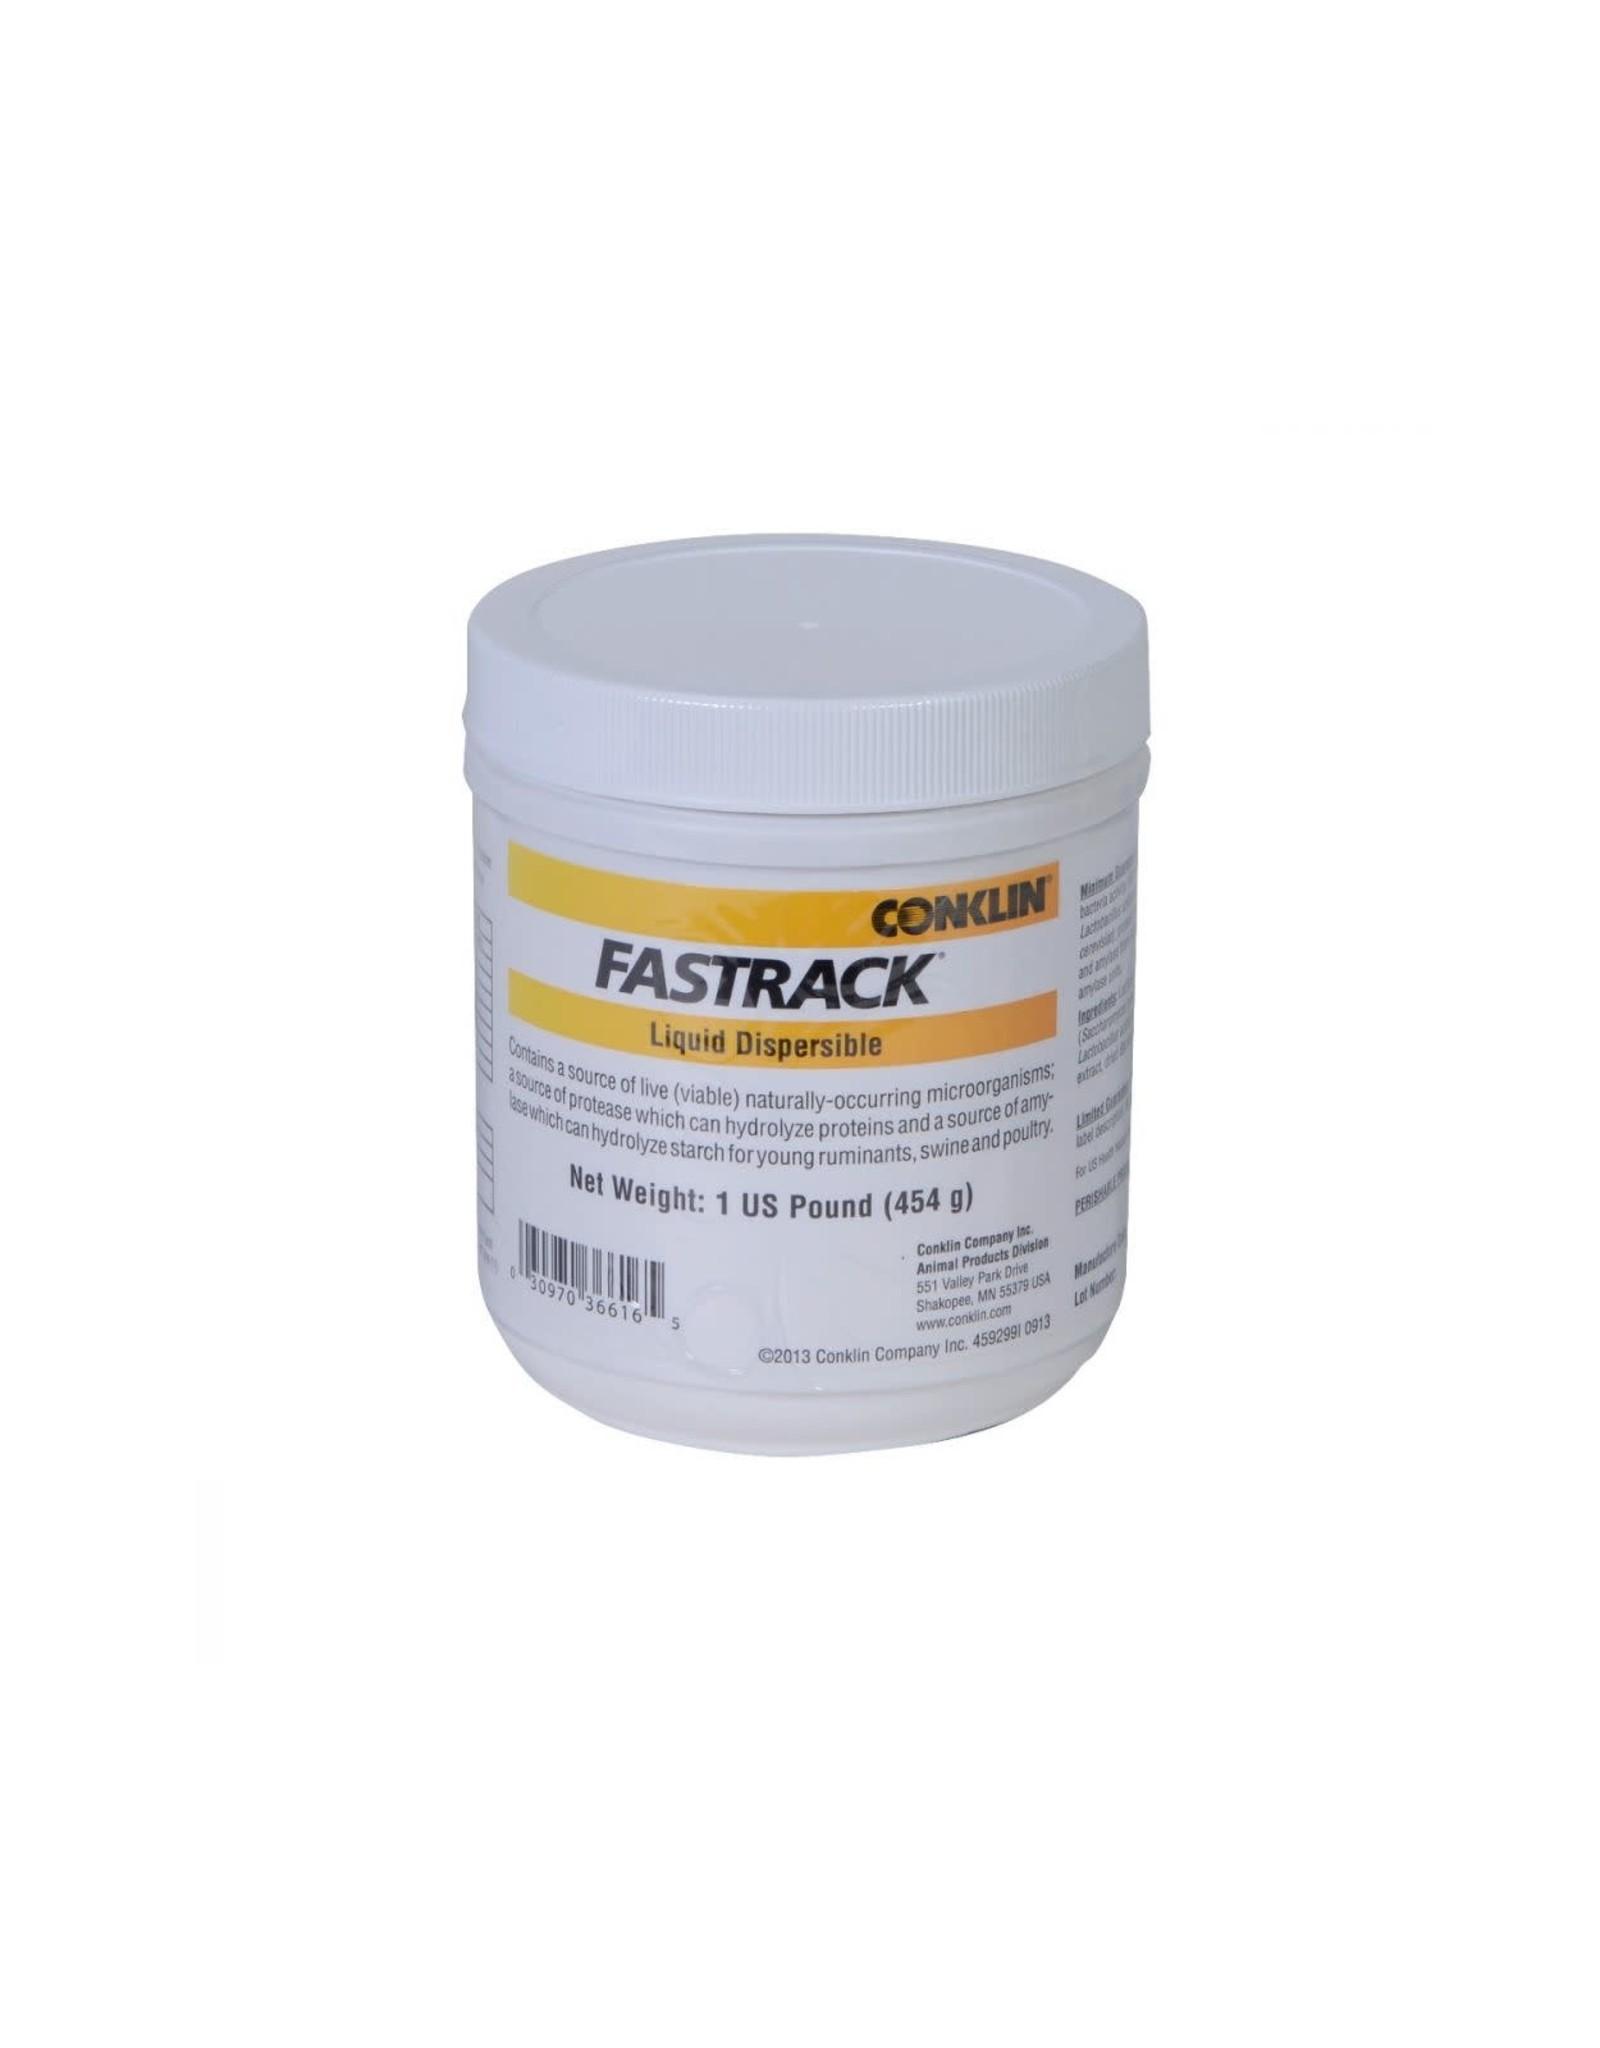 Conklin FASTRACK Liquid Dispersible